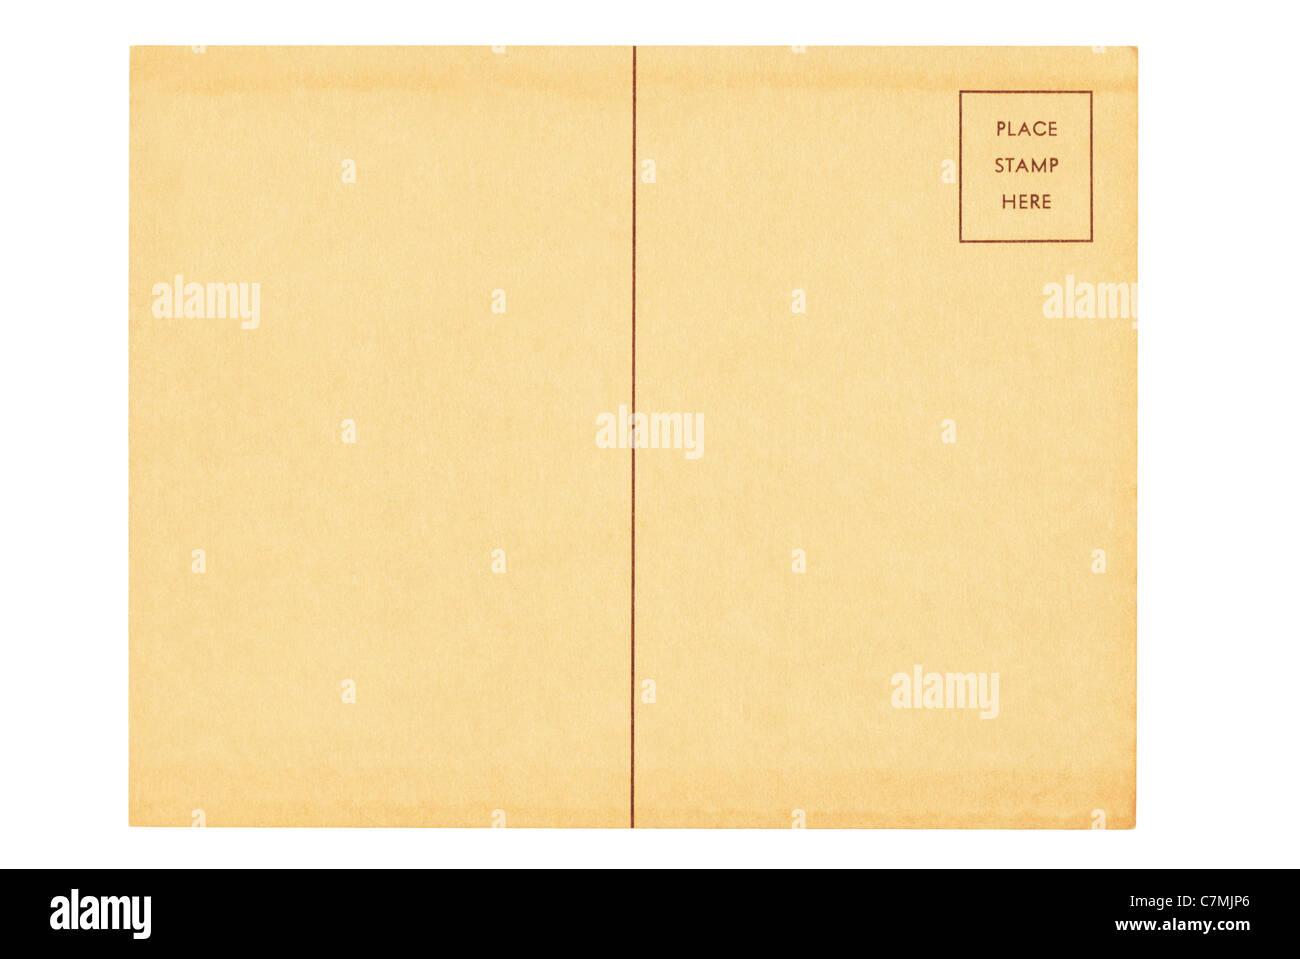 Ancienne carte postale vierge avec l'espace pour l'écriture de l'adresse et le stamp Photo Stock